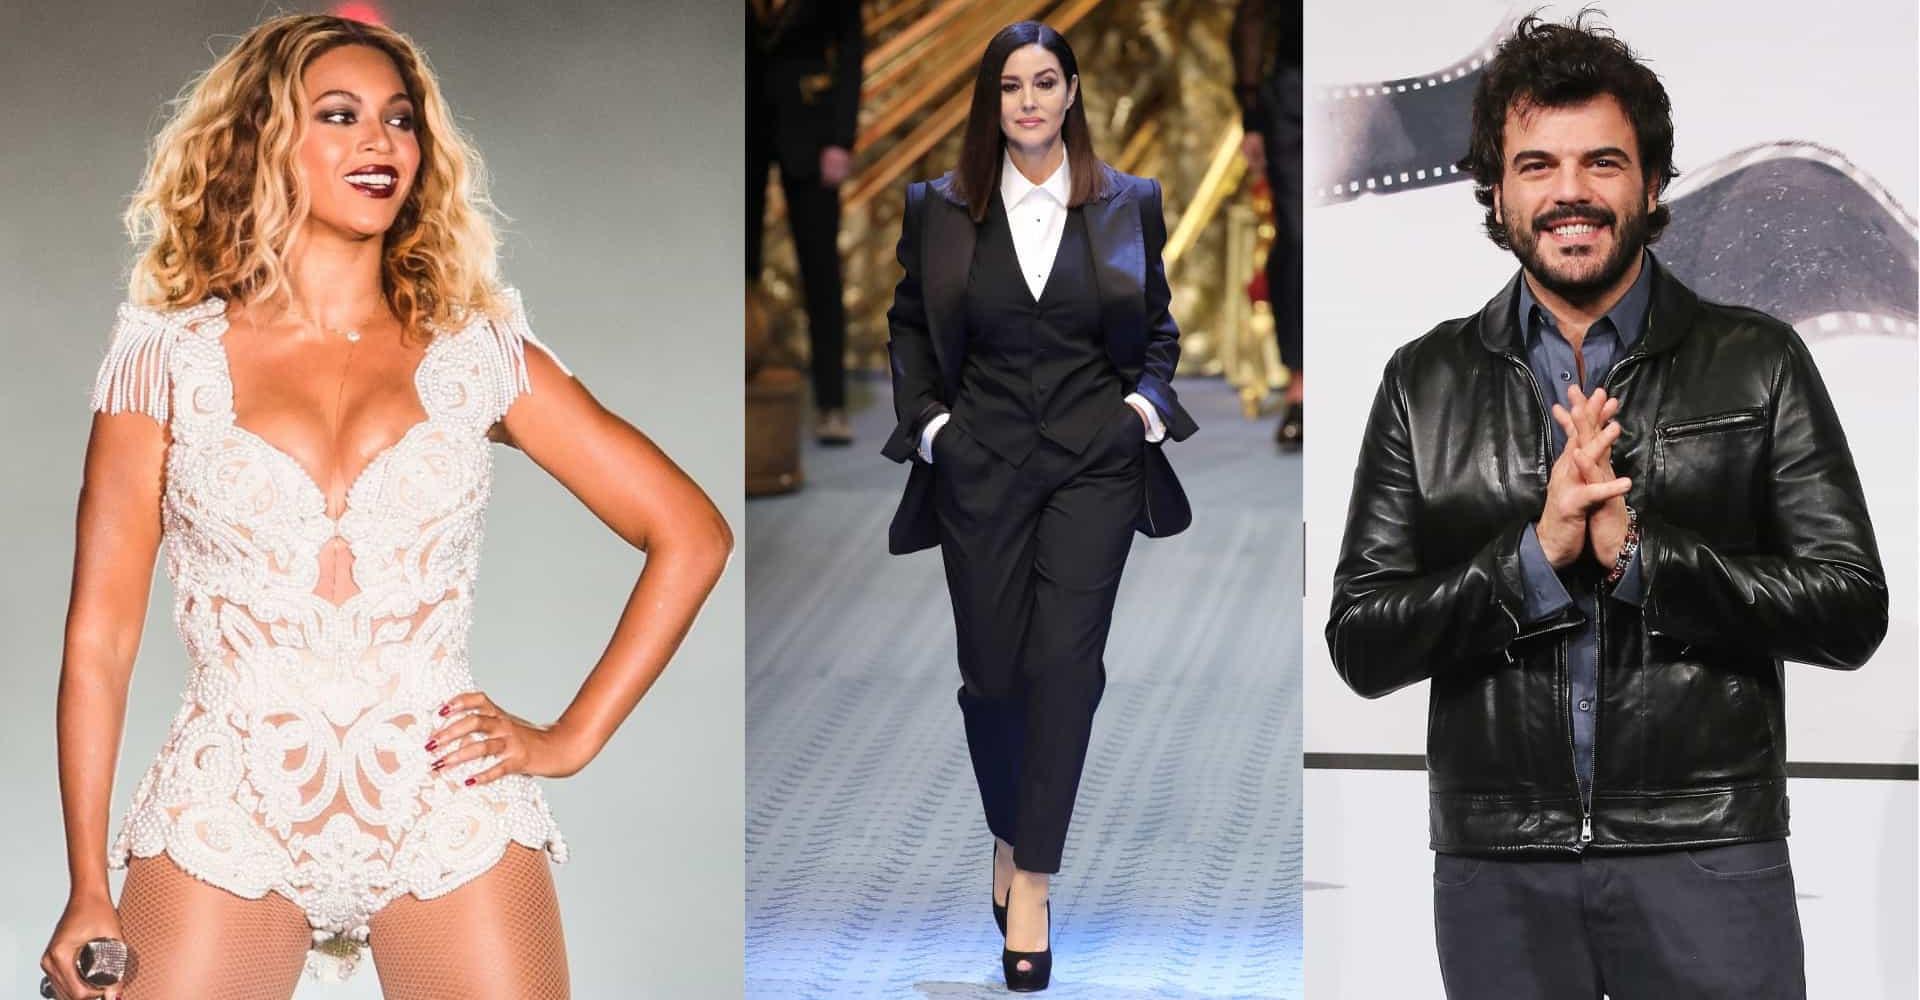 Star sulla bilancia: quanto pesano queste celebrità?